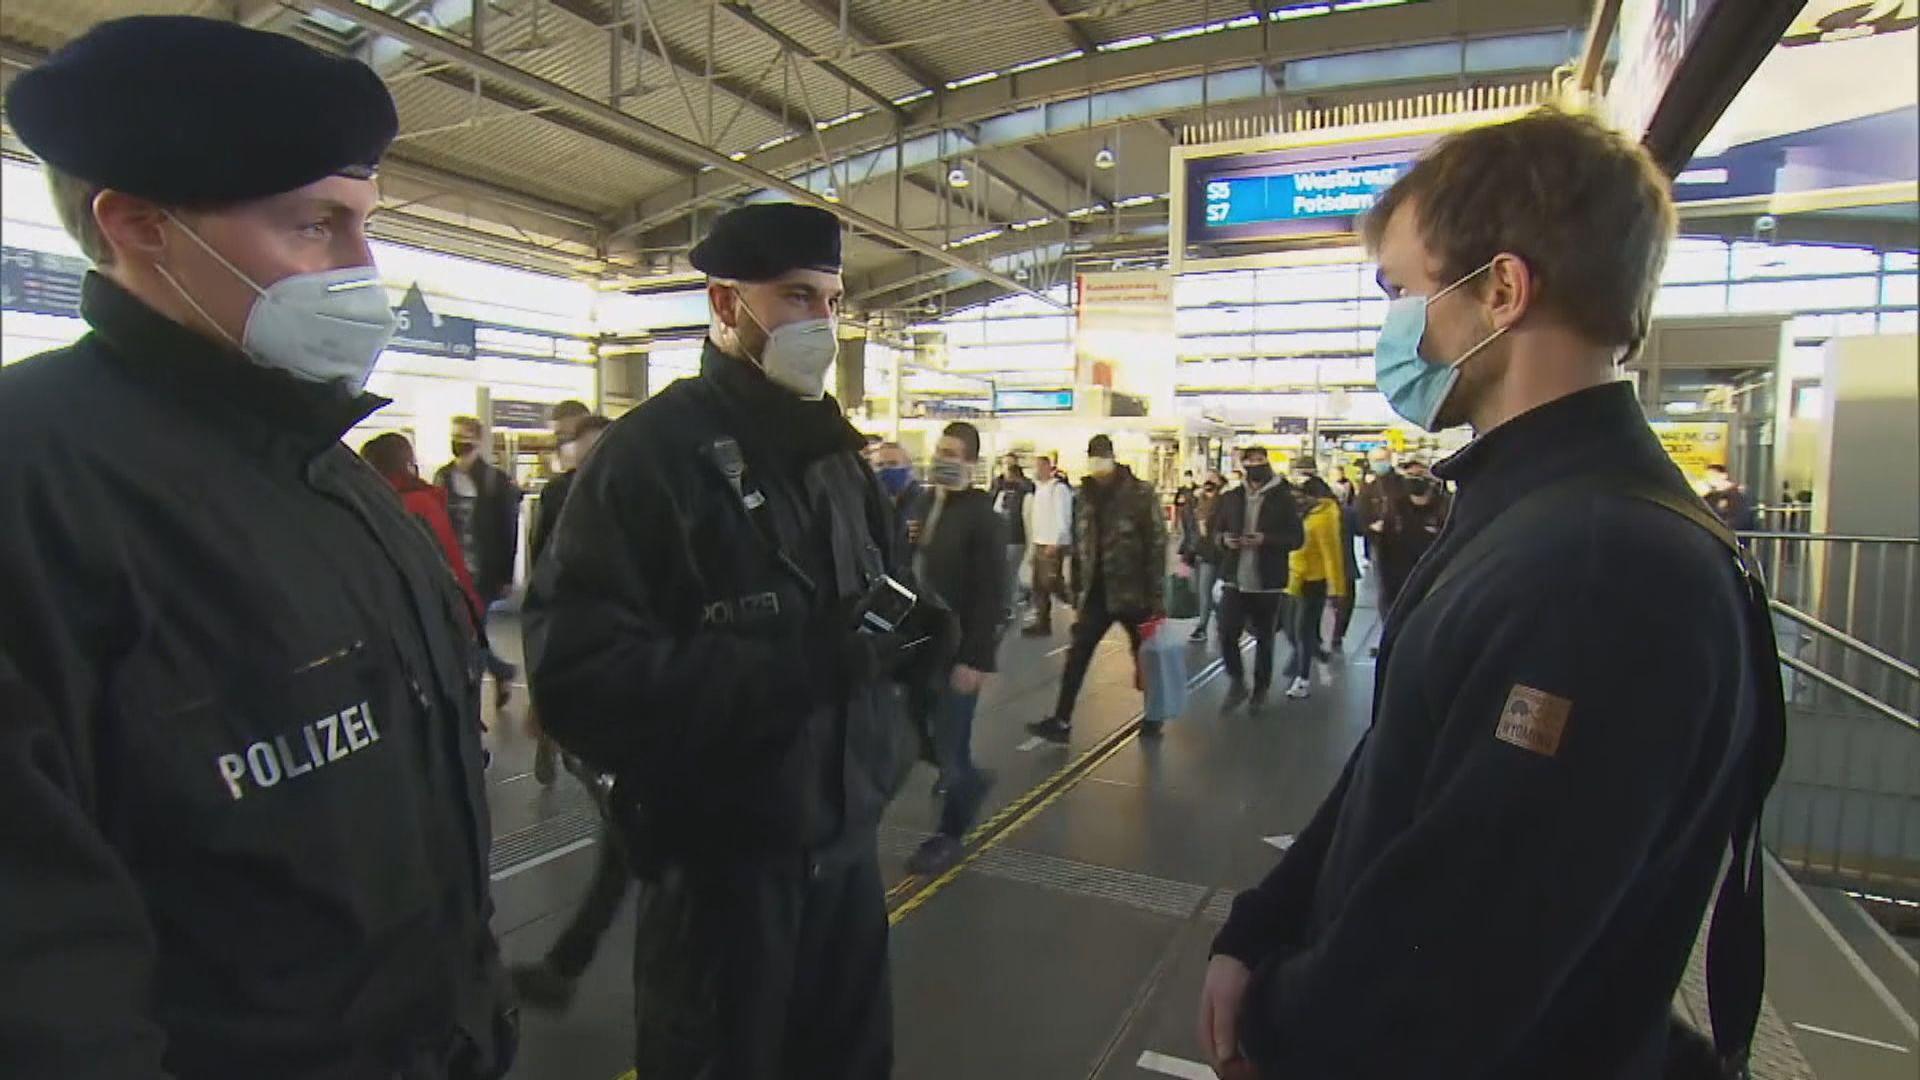 德國部分地區實施封城警察加強巡查